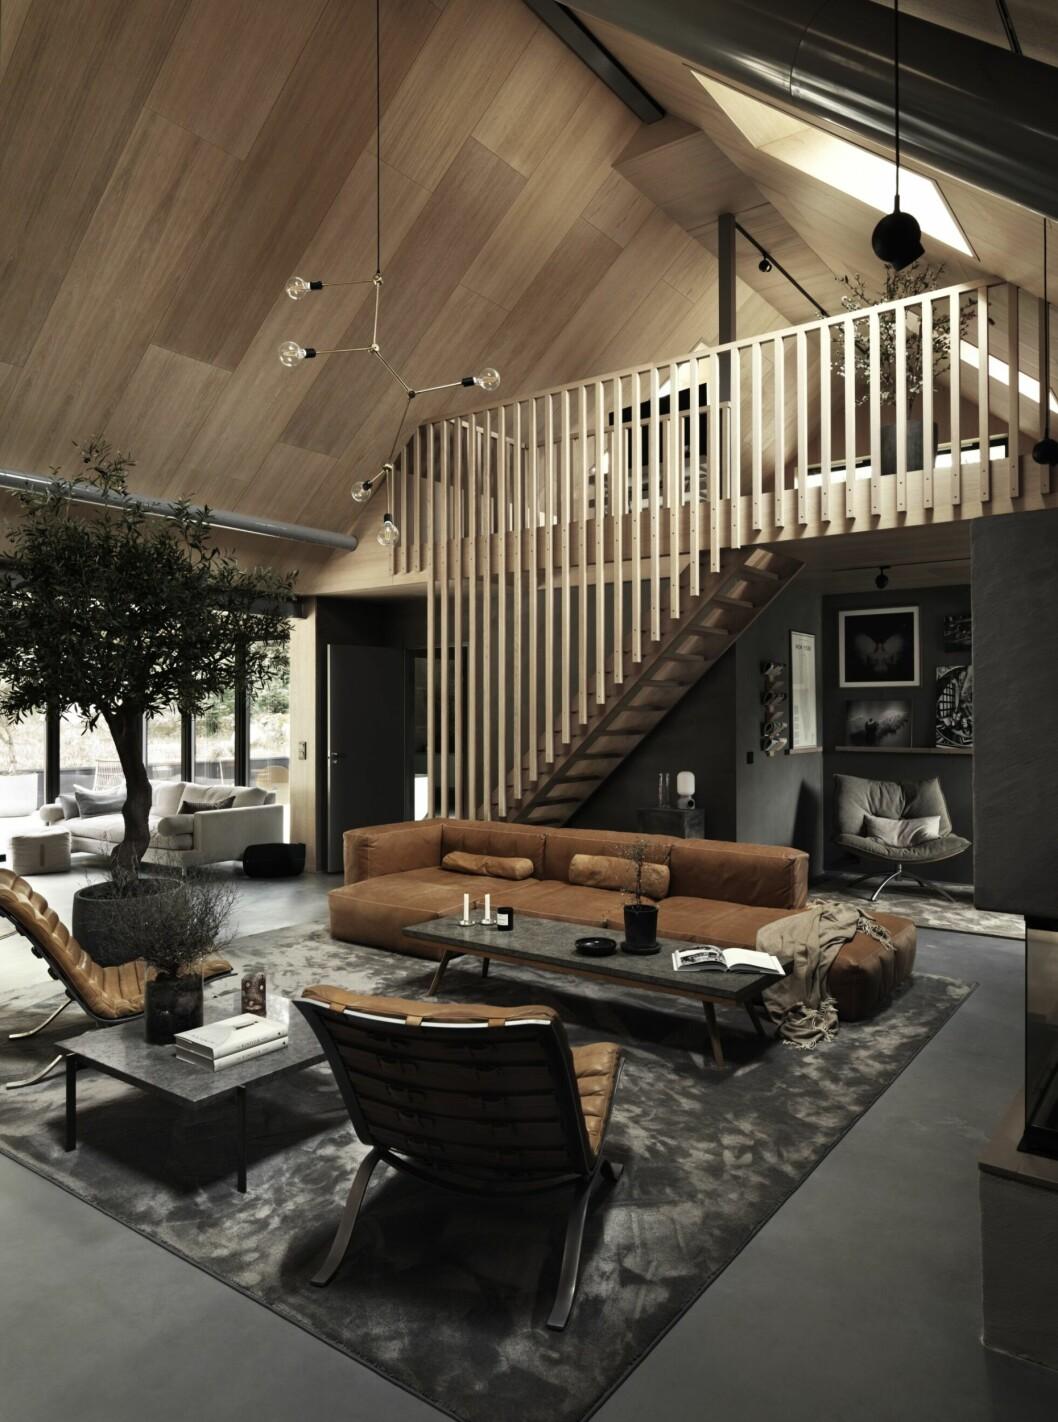 Vardagsrummet med brun soffa, grå matta och fåtöljer i brunt